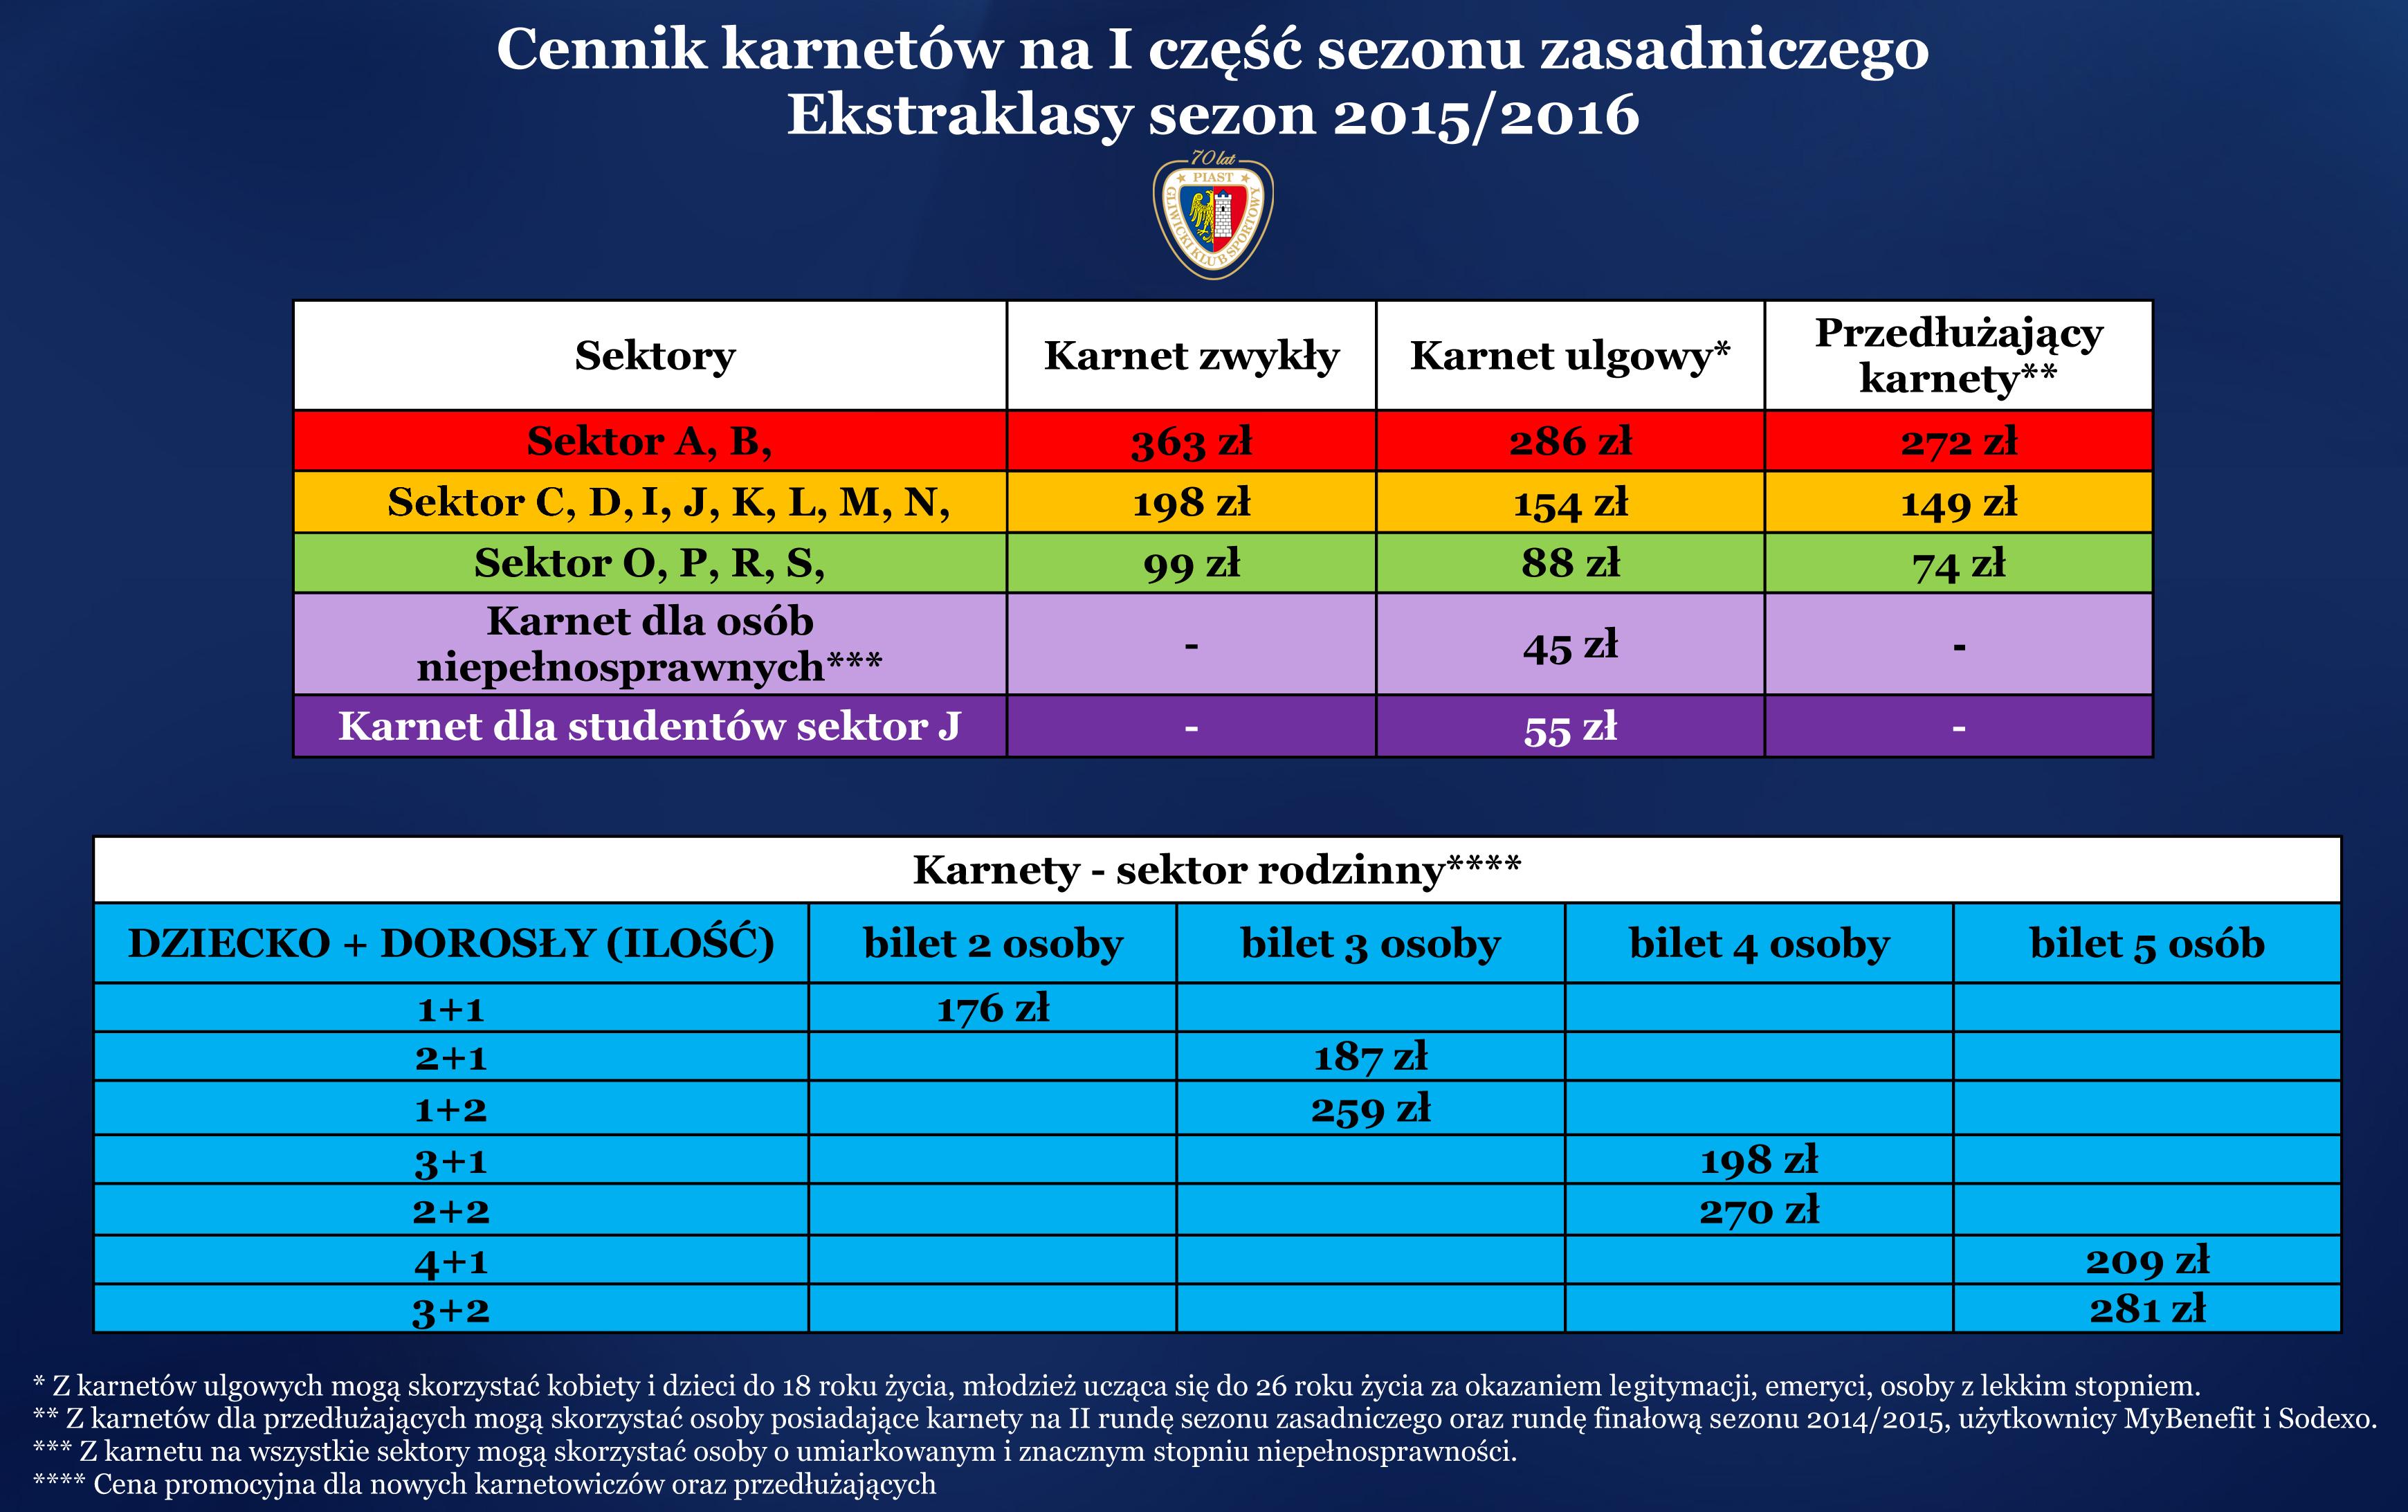 Cennik_karnetow_na_I_czesc_sezonu_zasadniczego